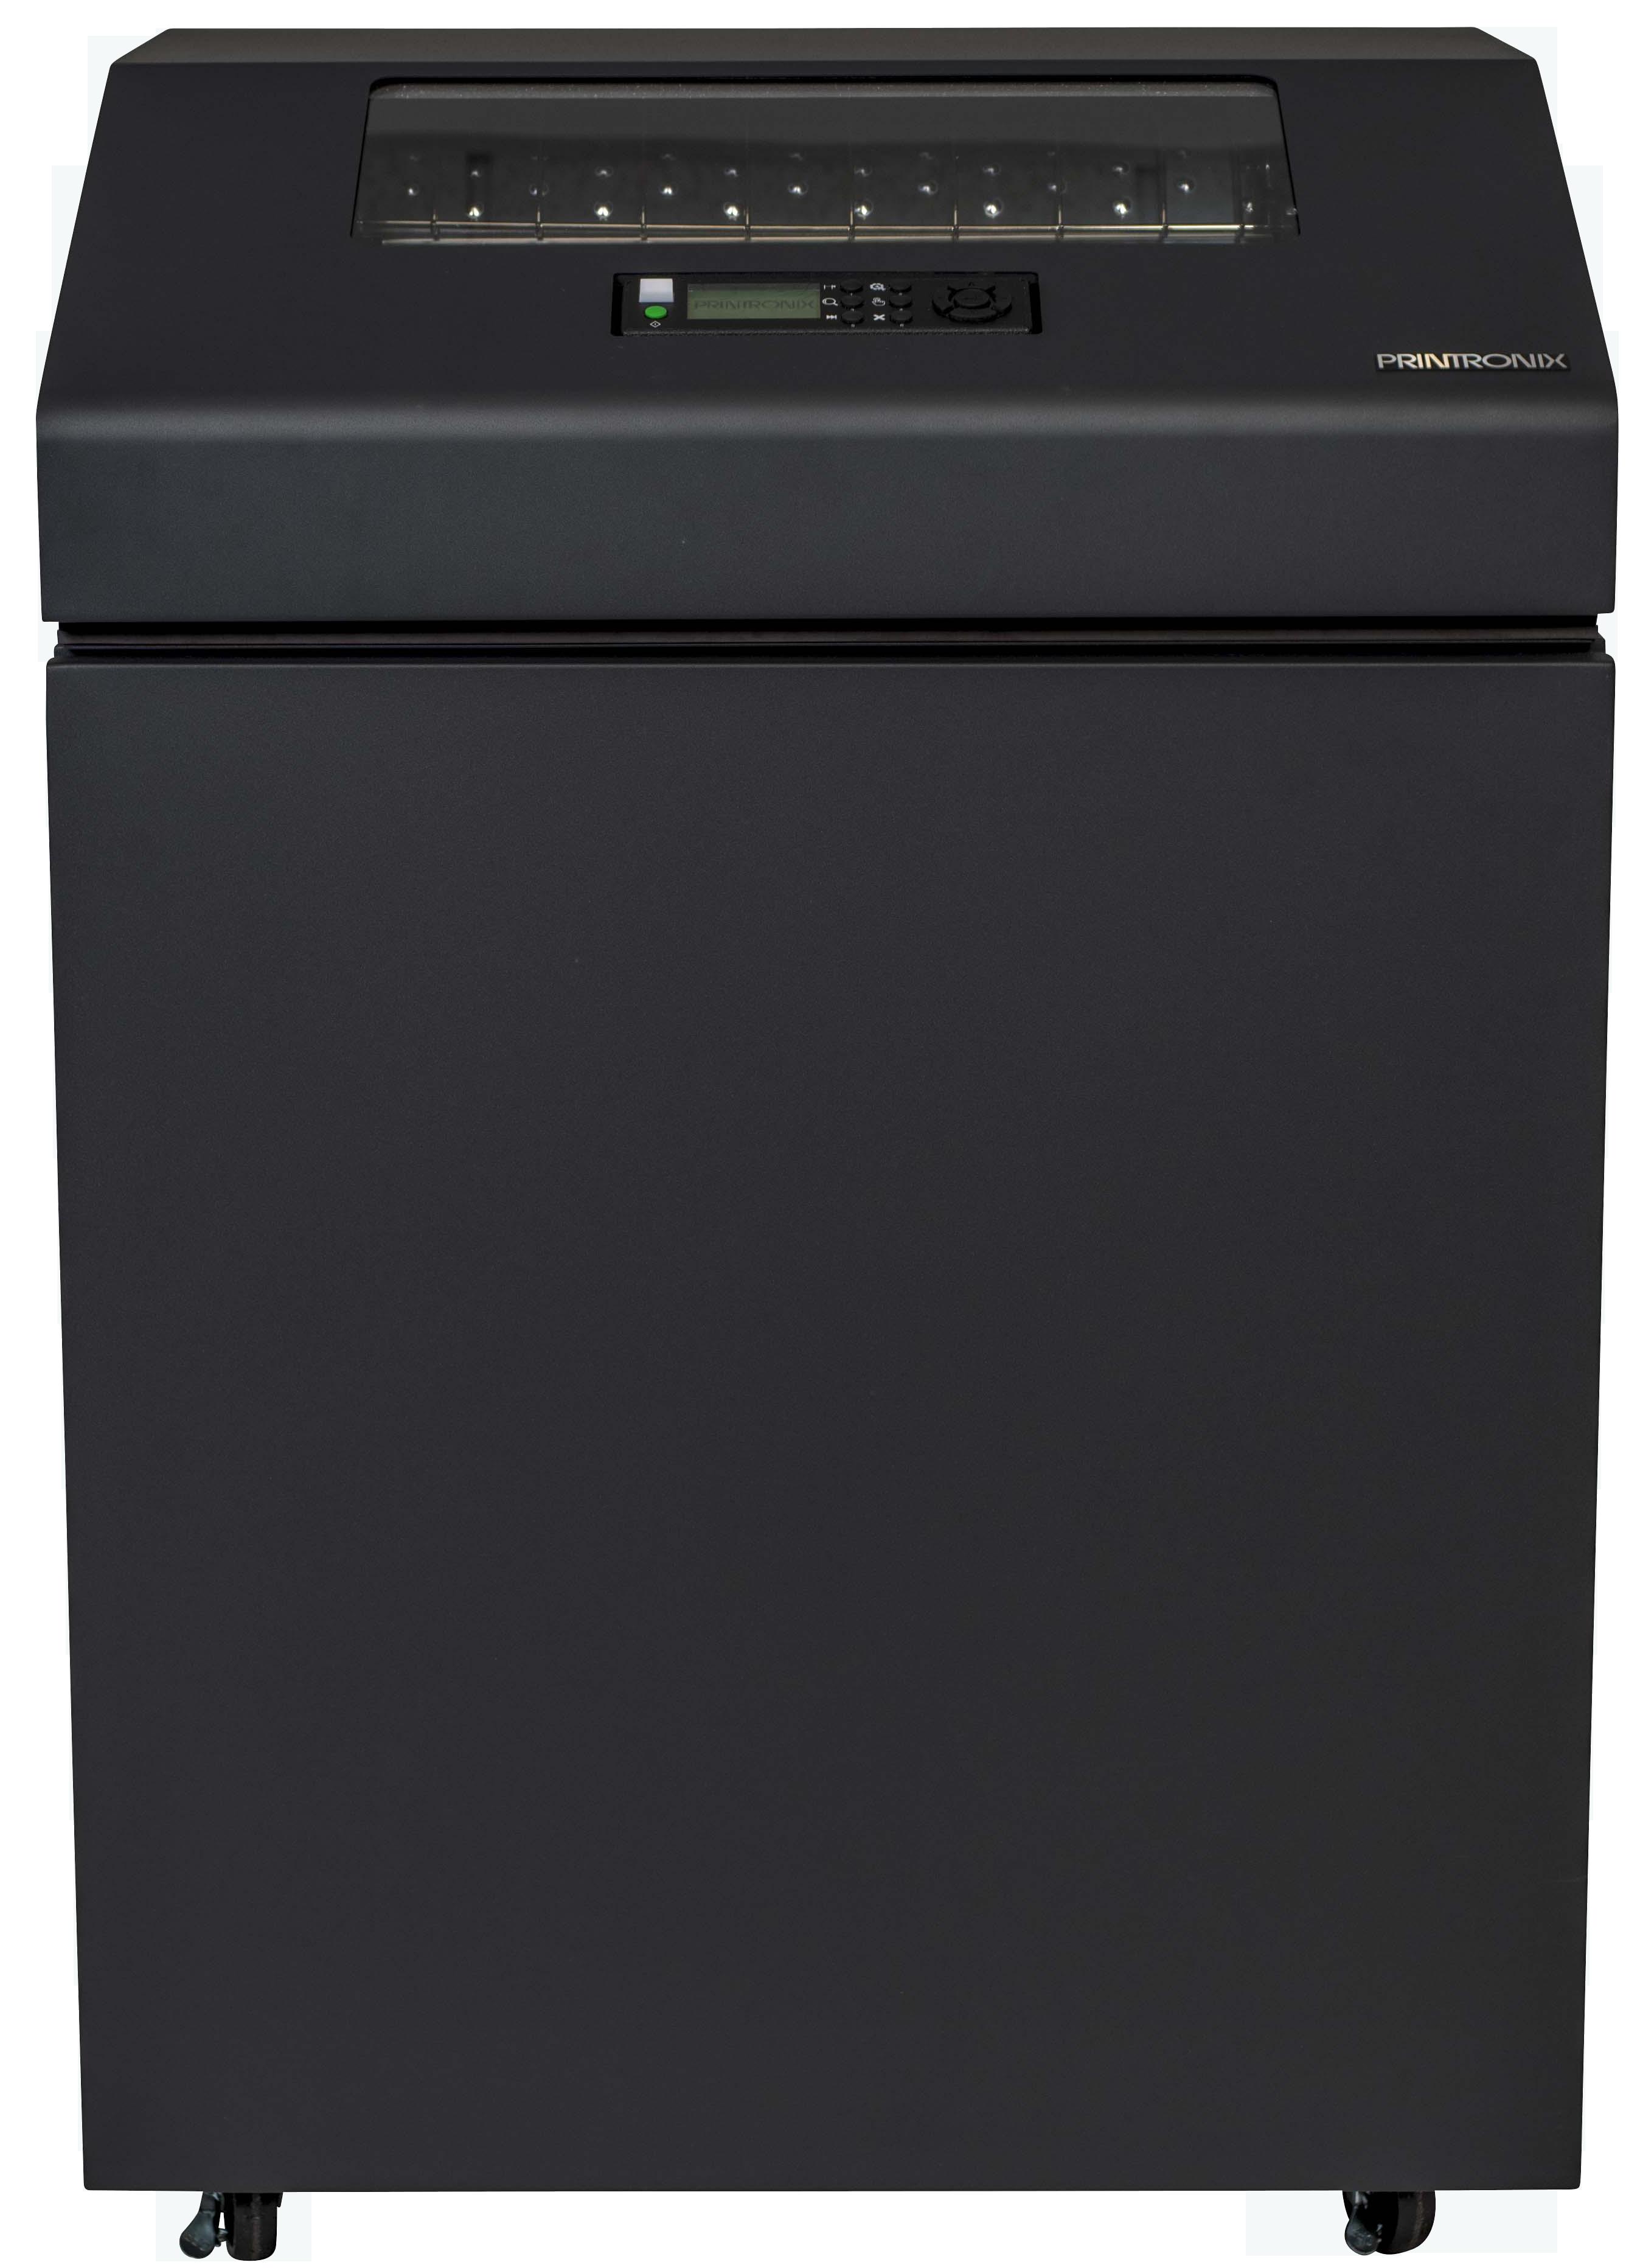 Printronix P8200HD